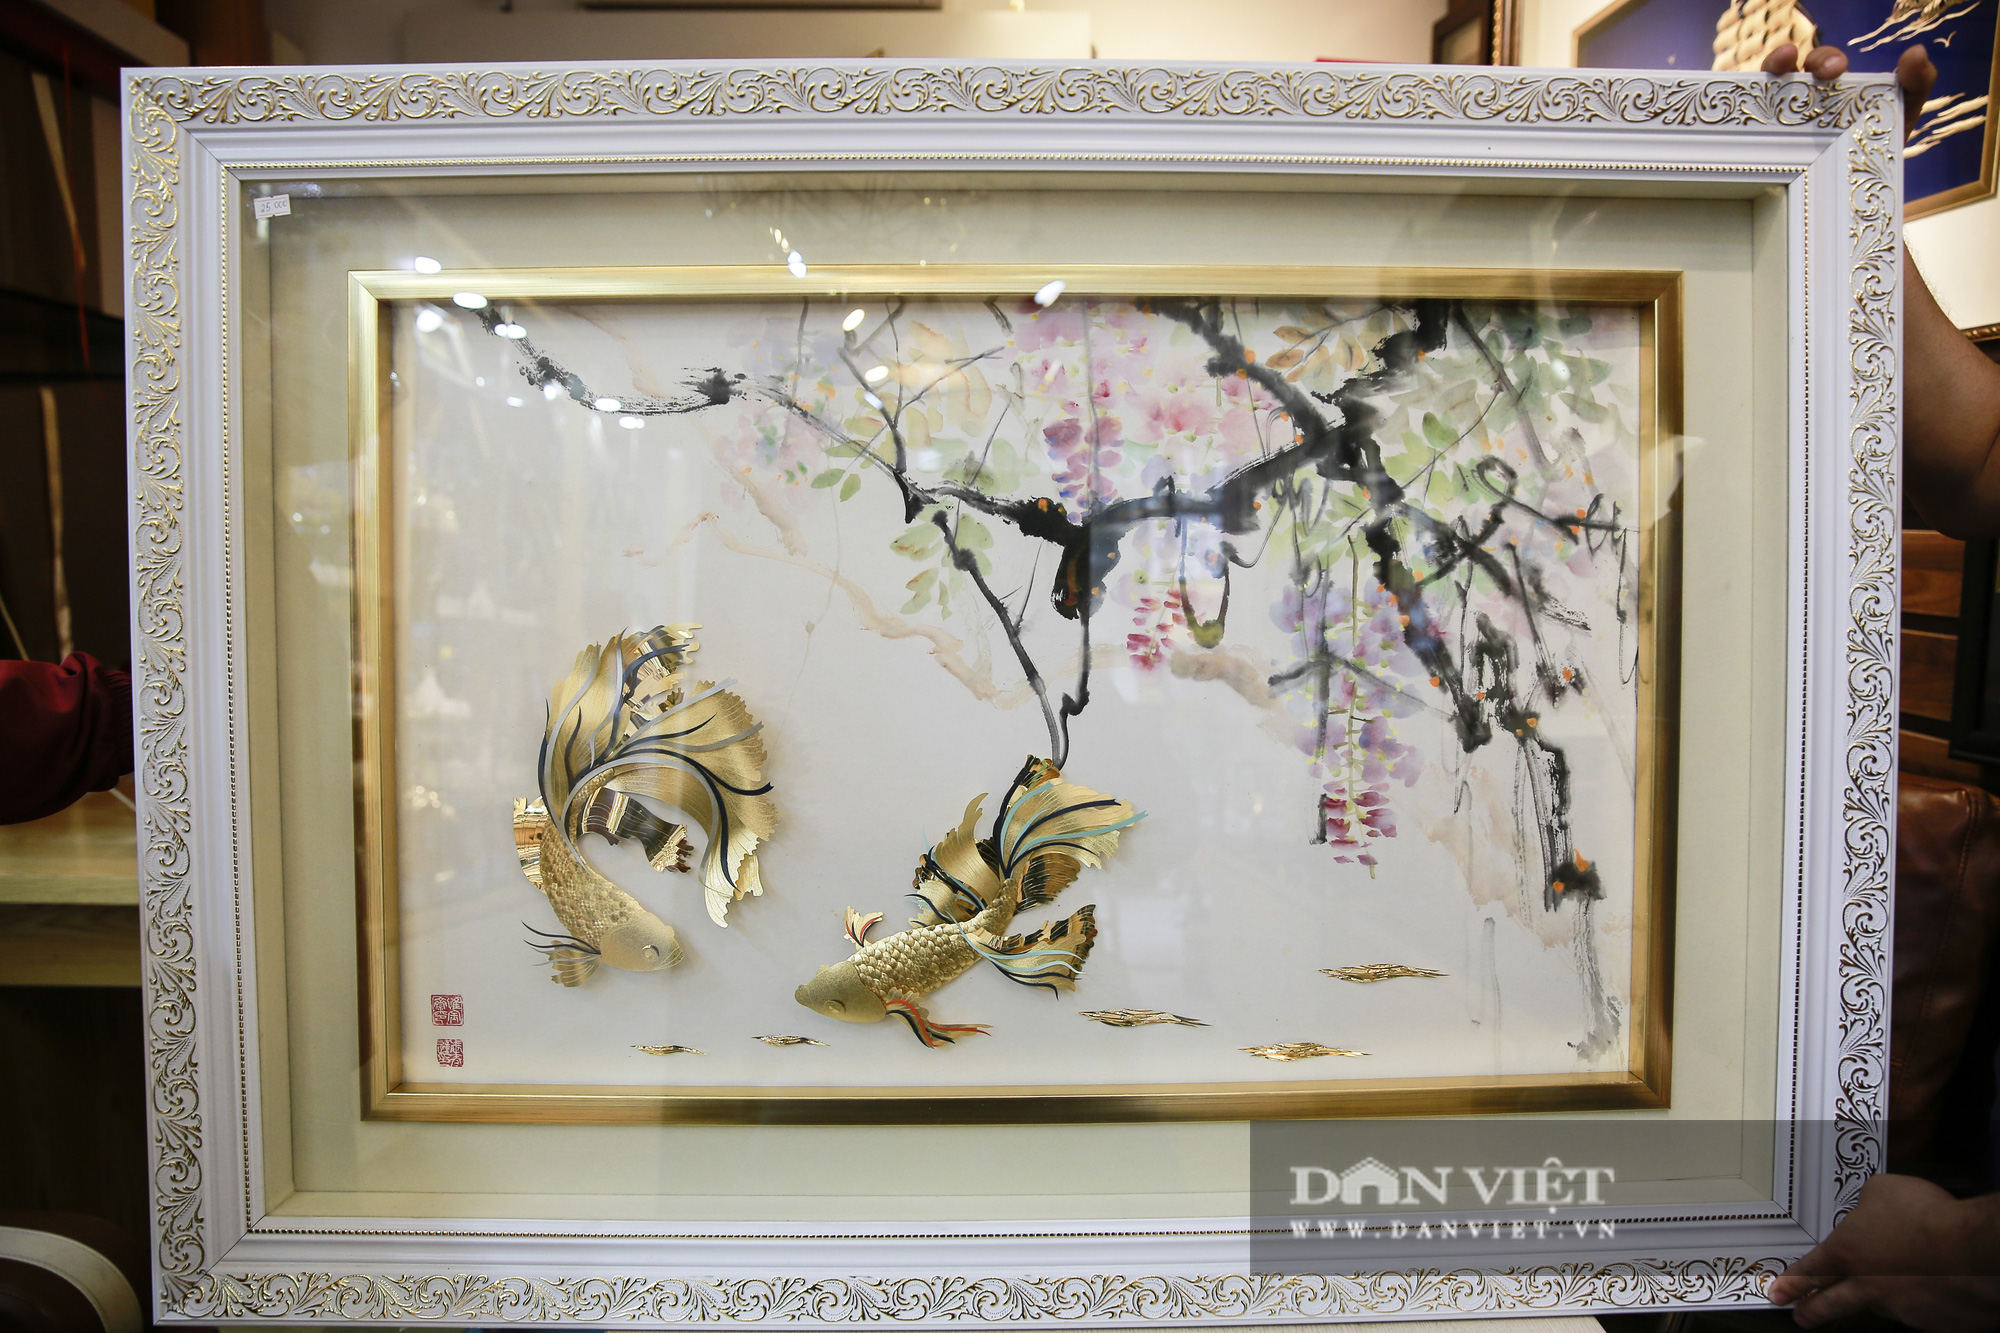 Thị trường quà tặng 8/3: Hoa, tranh, khuy cài áo mạ vàng cực đắt lên ngôi - Ảnh 11.